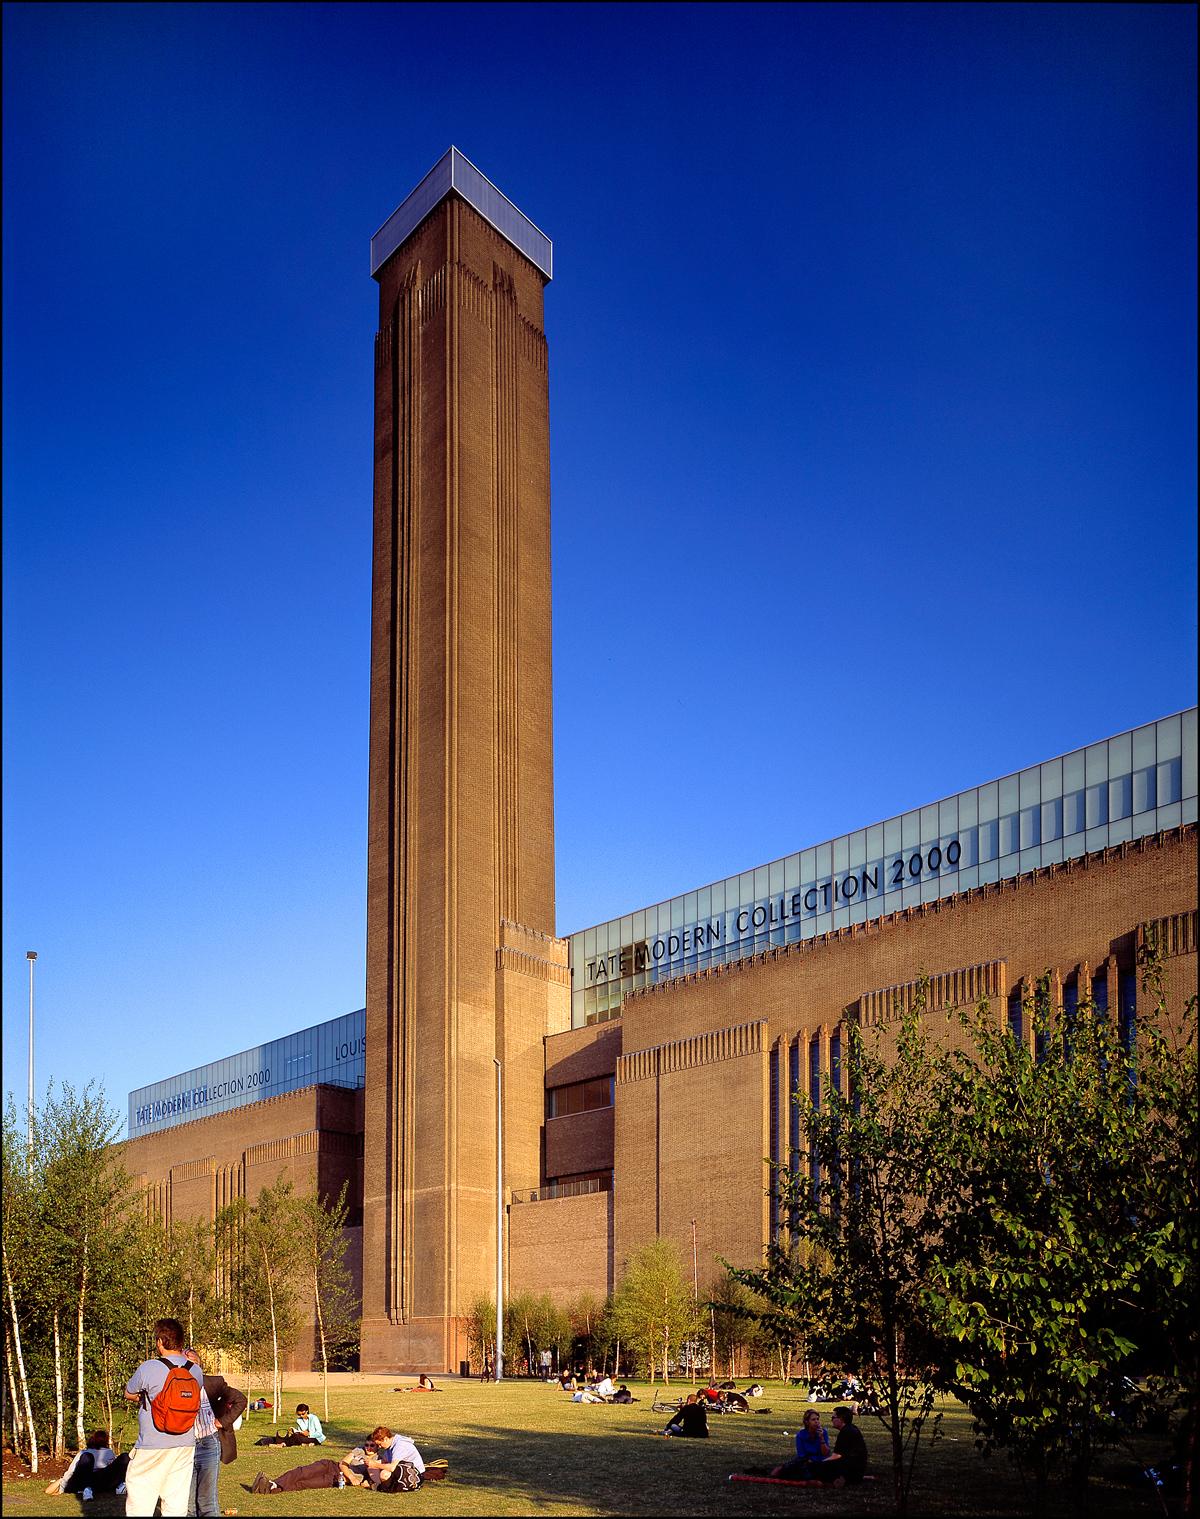 TATE GALLERIES: Tate Modern